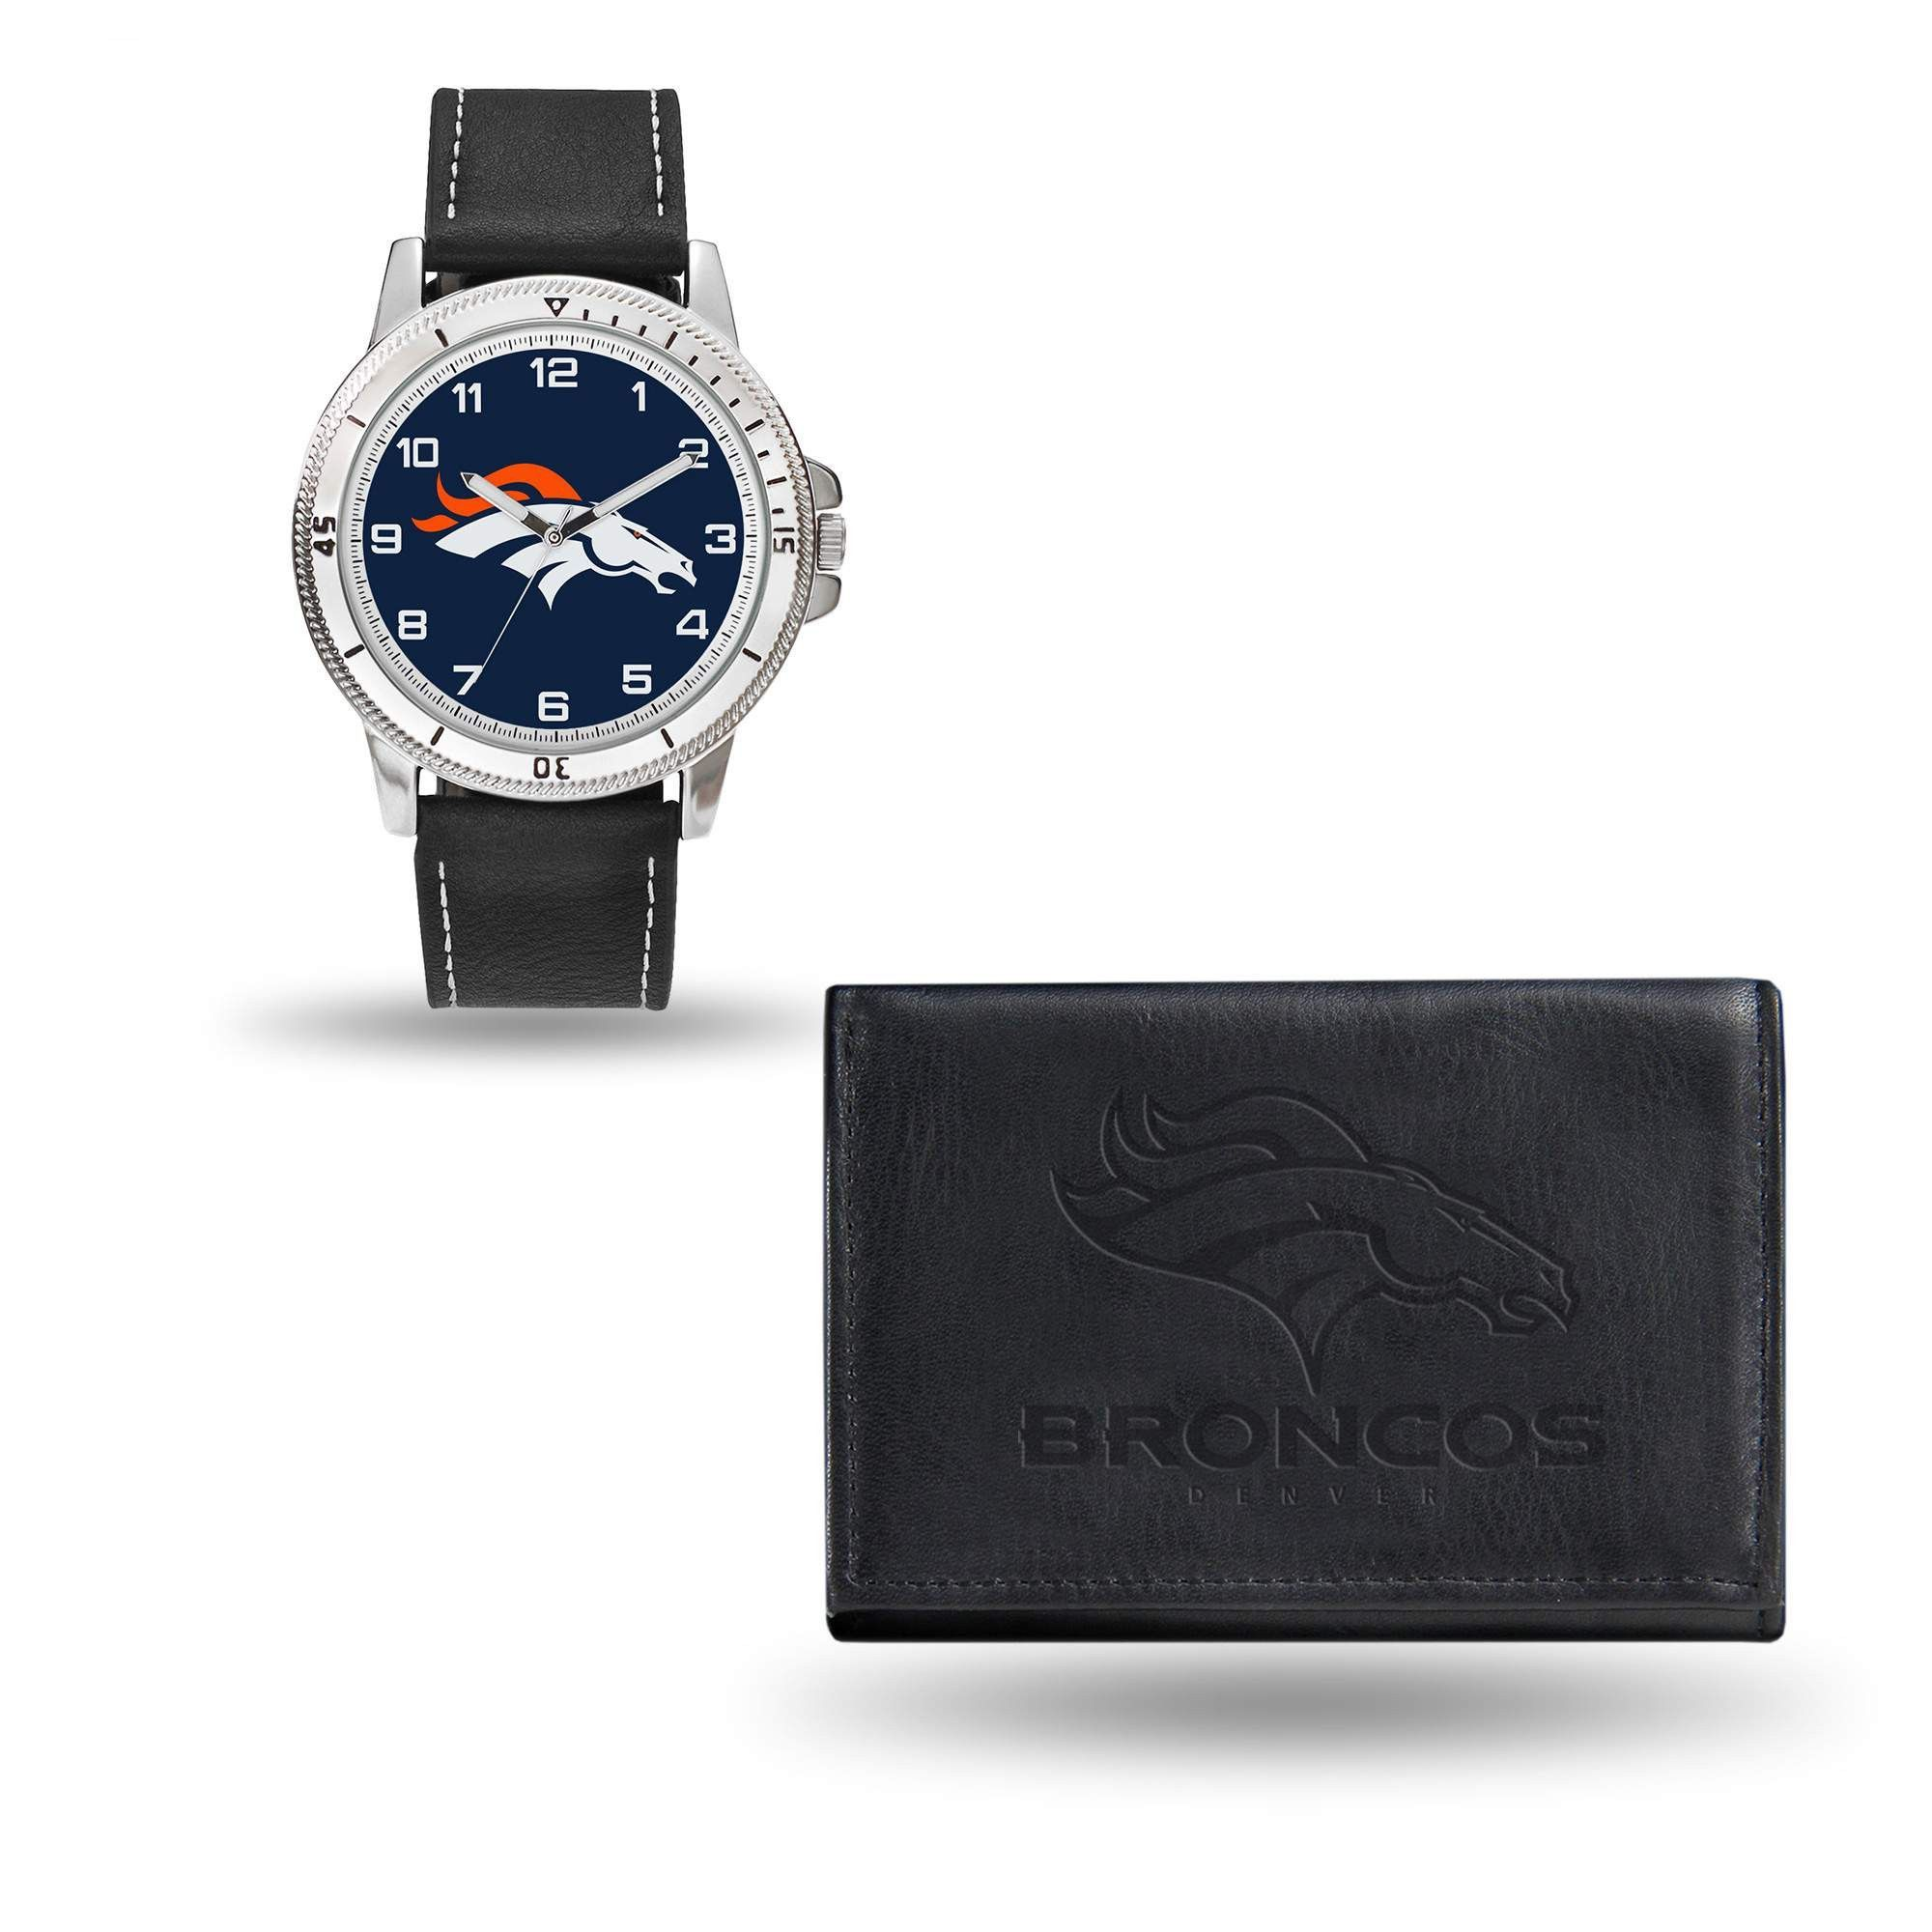 Denver Broncos Watch and Black Leather Wallet Set